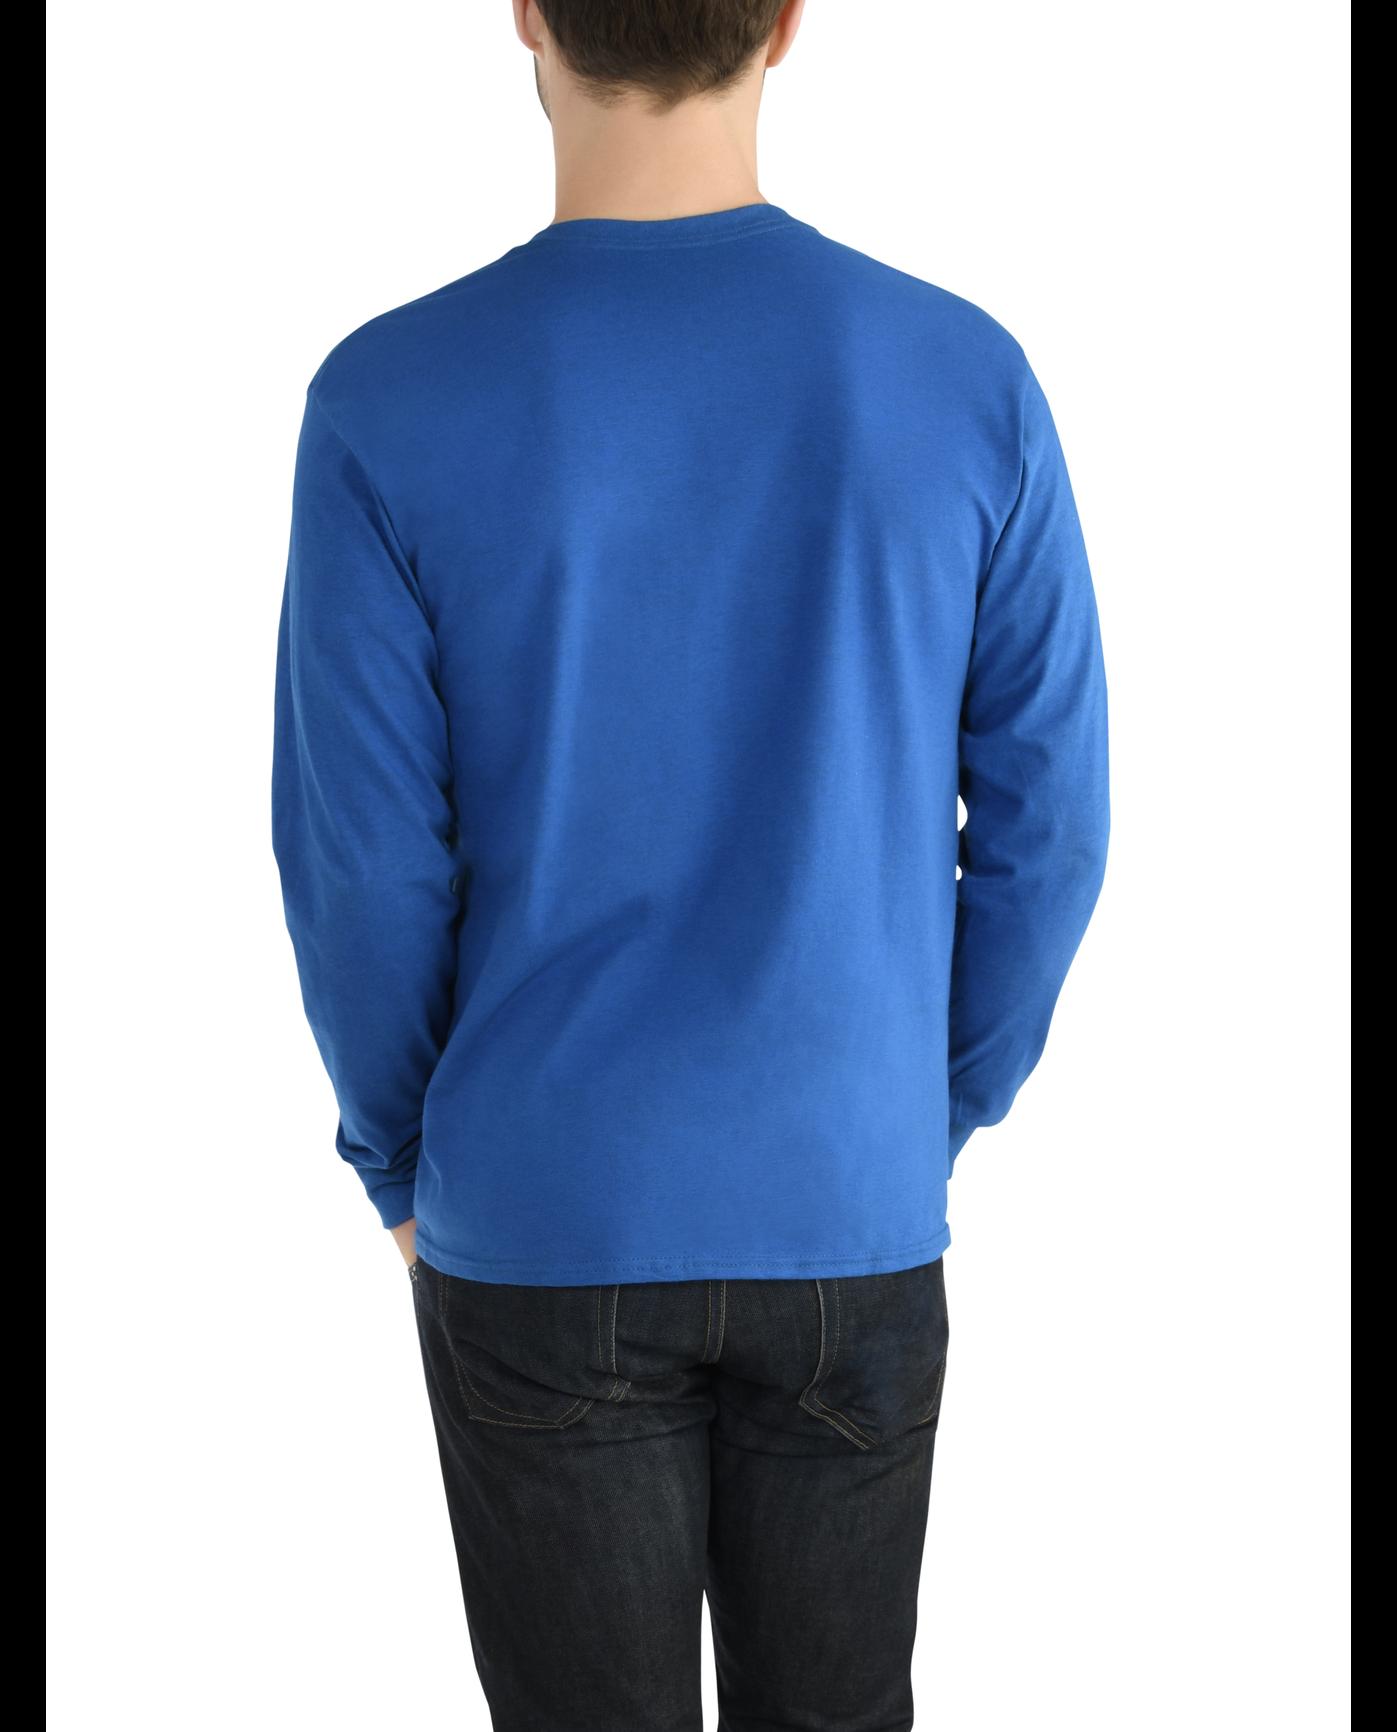 51812010ec Men s EverSoft Long Sleeve T-Shirt - Fruit US